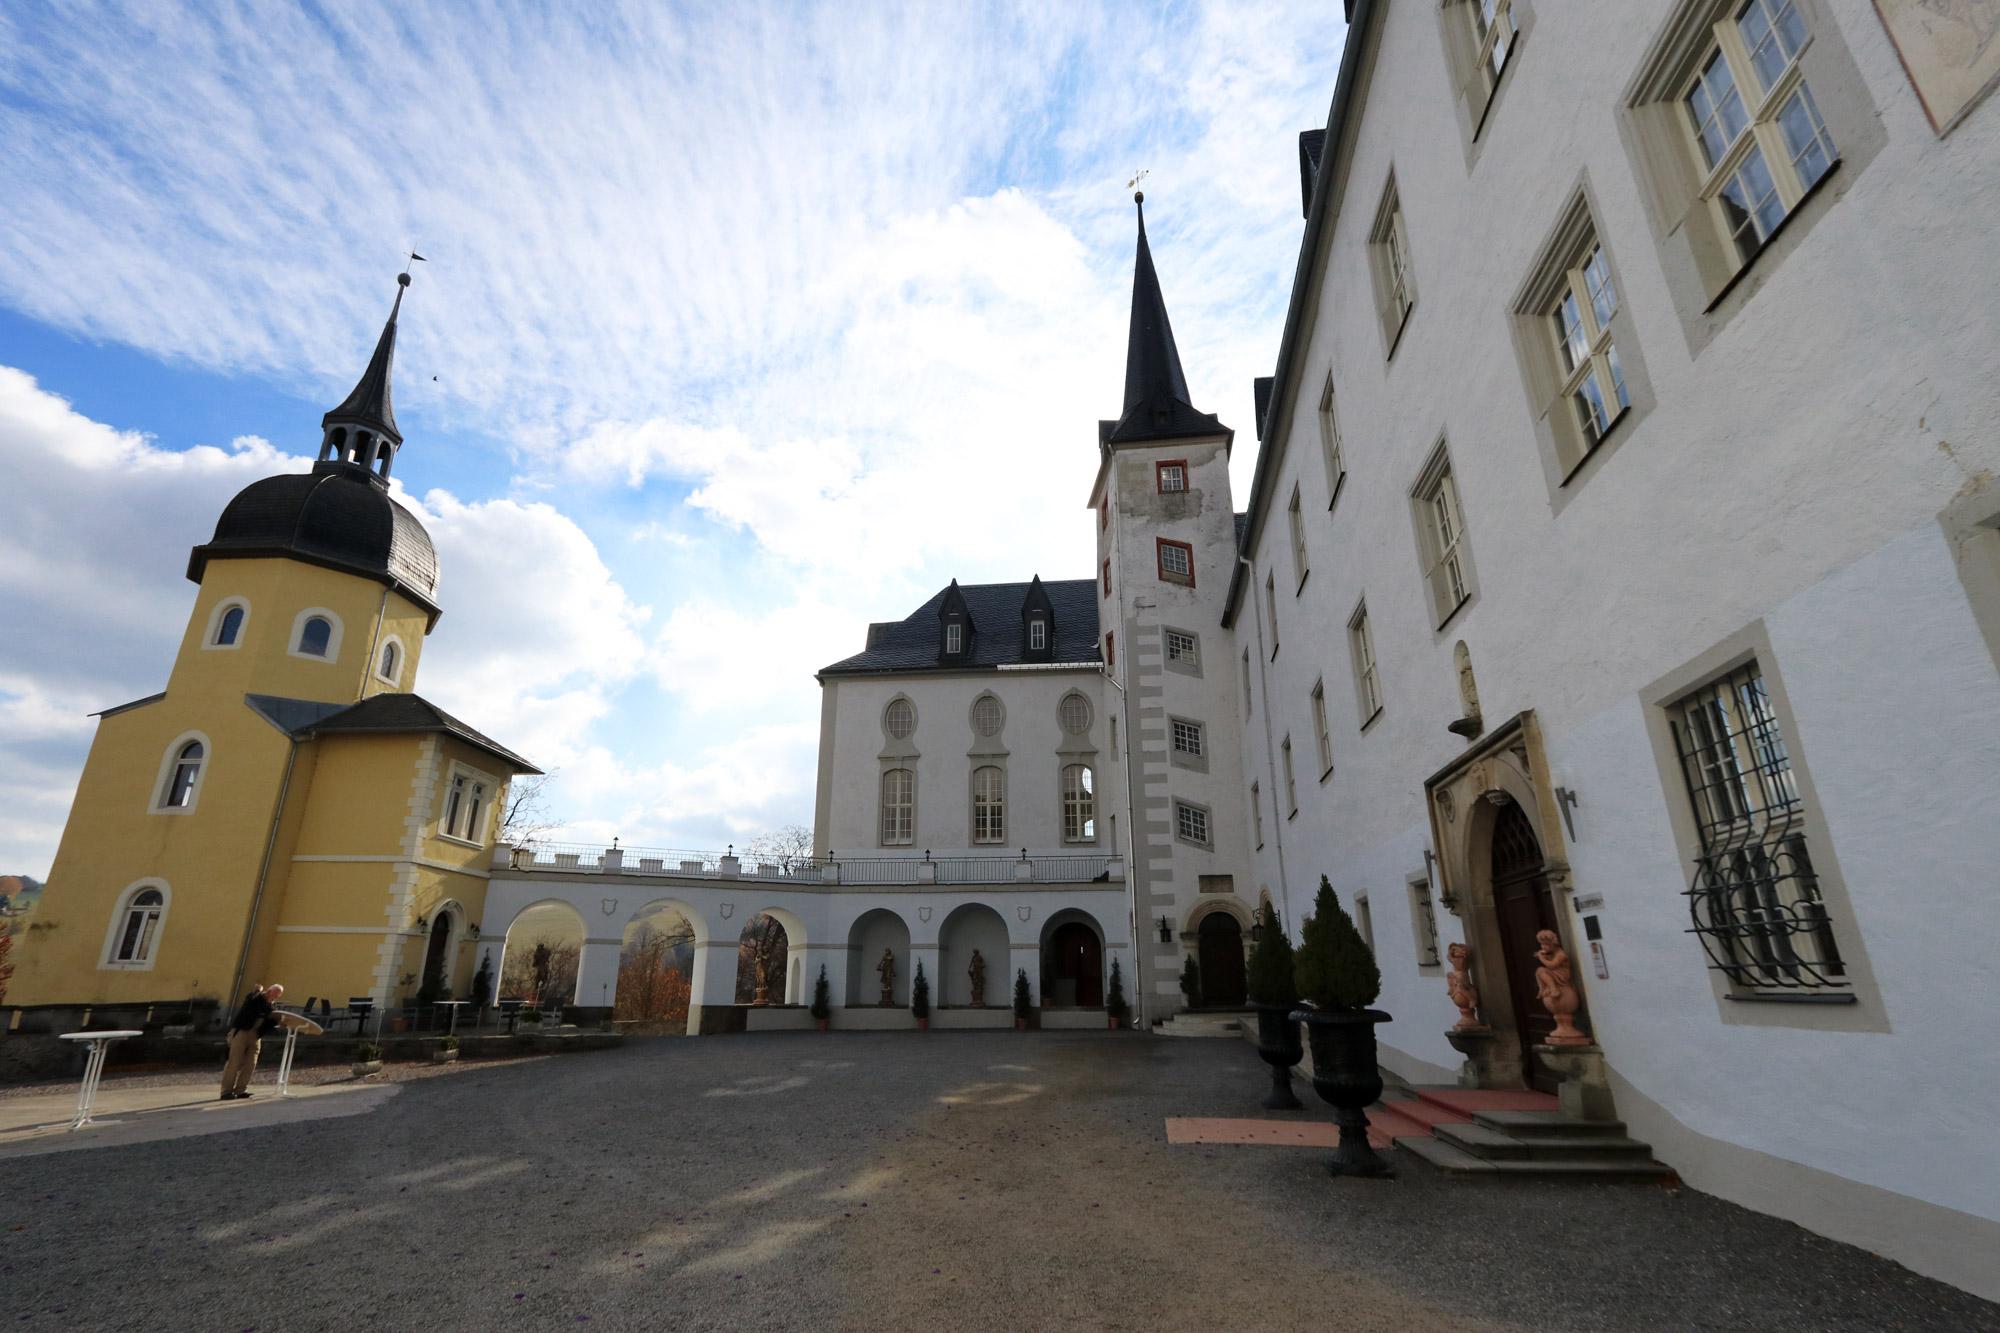 De dorpjes van het Mittleres Erzgebirge - Schloss Purschenstein